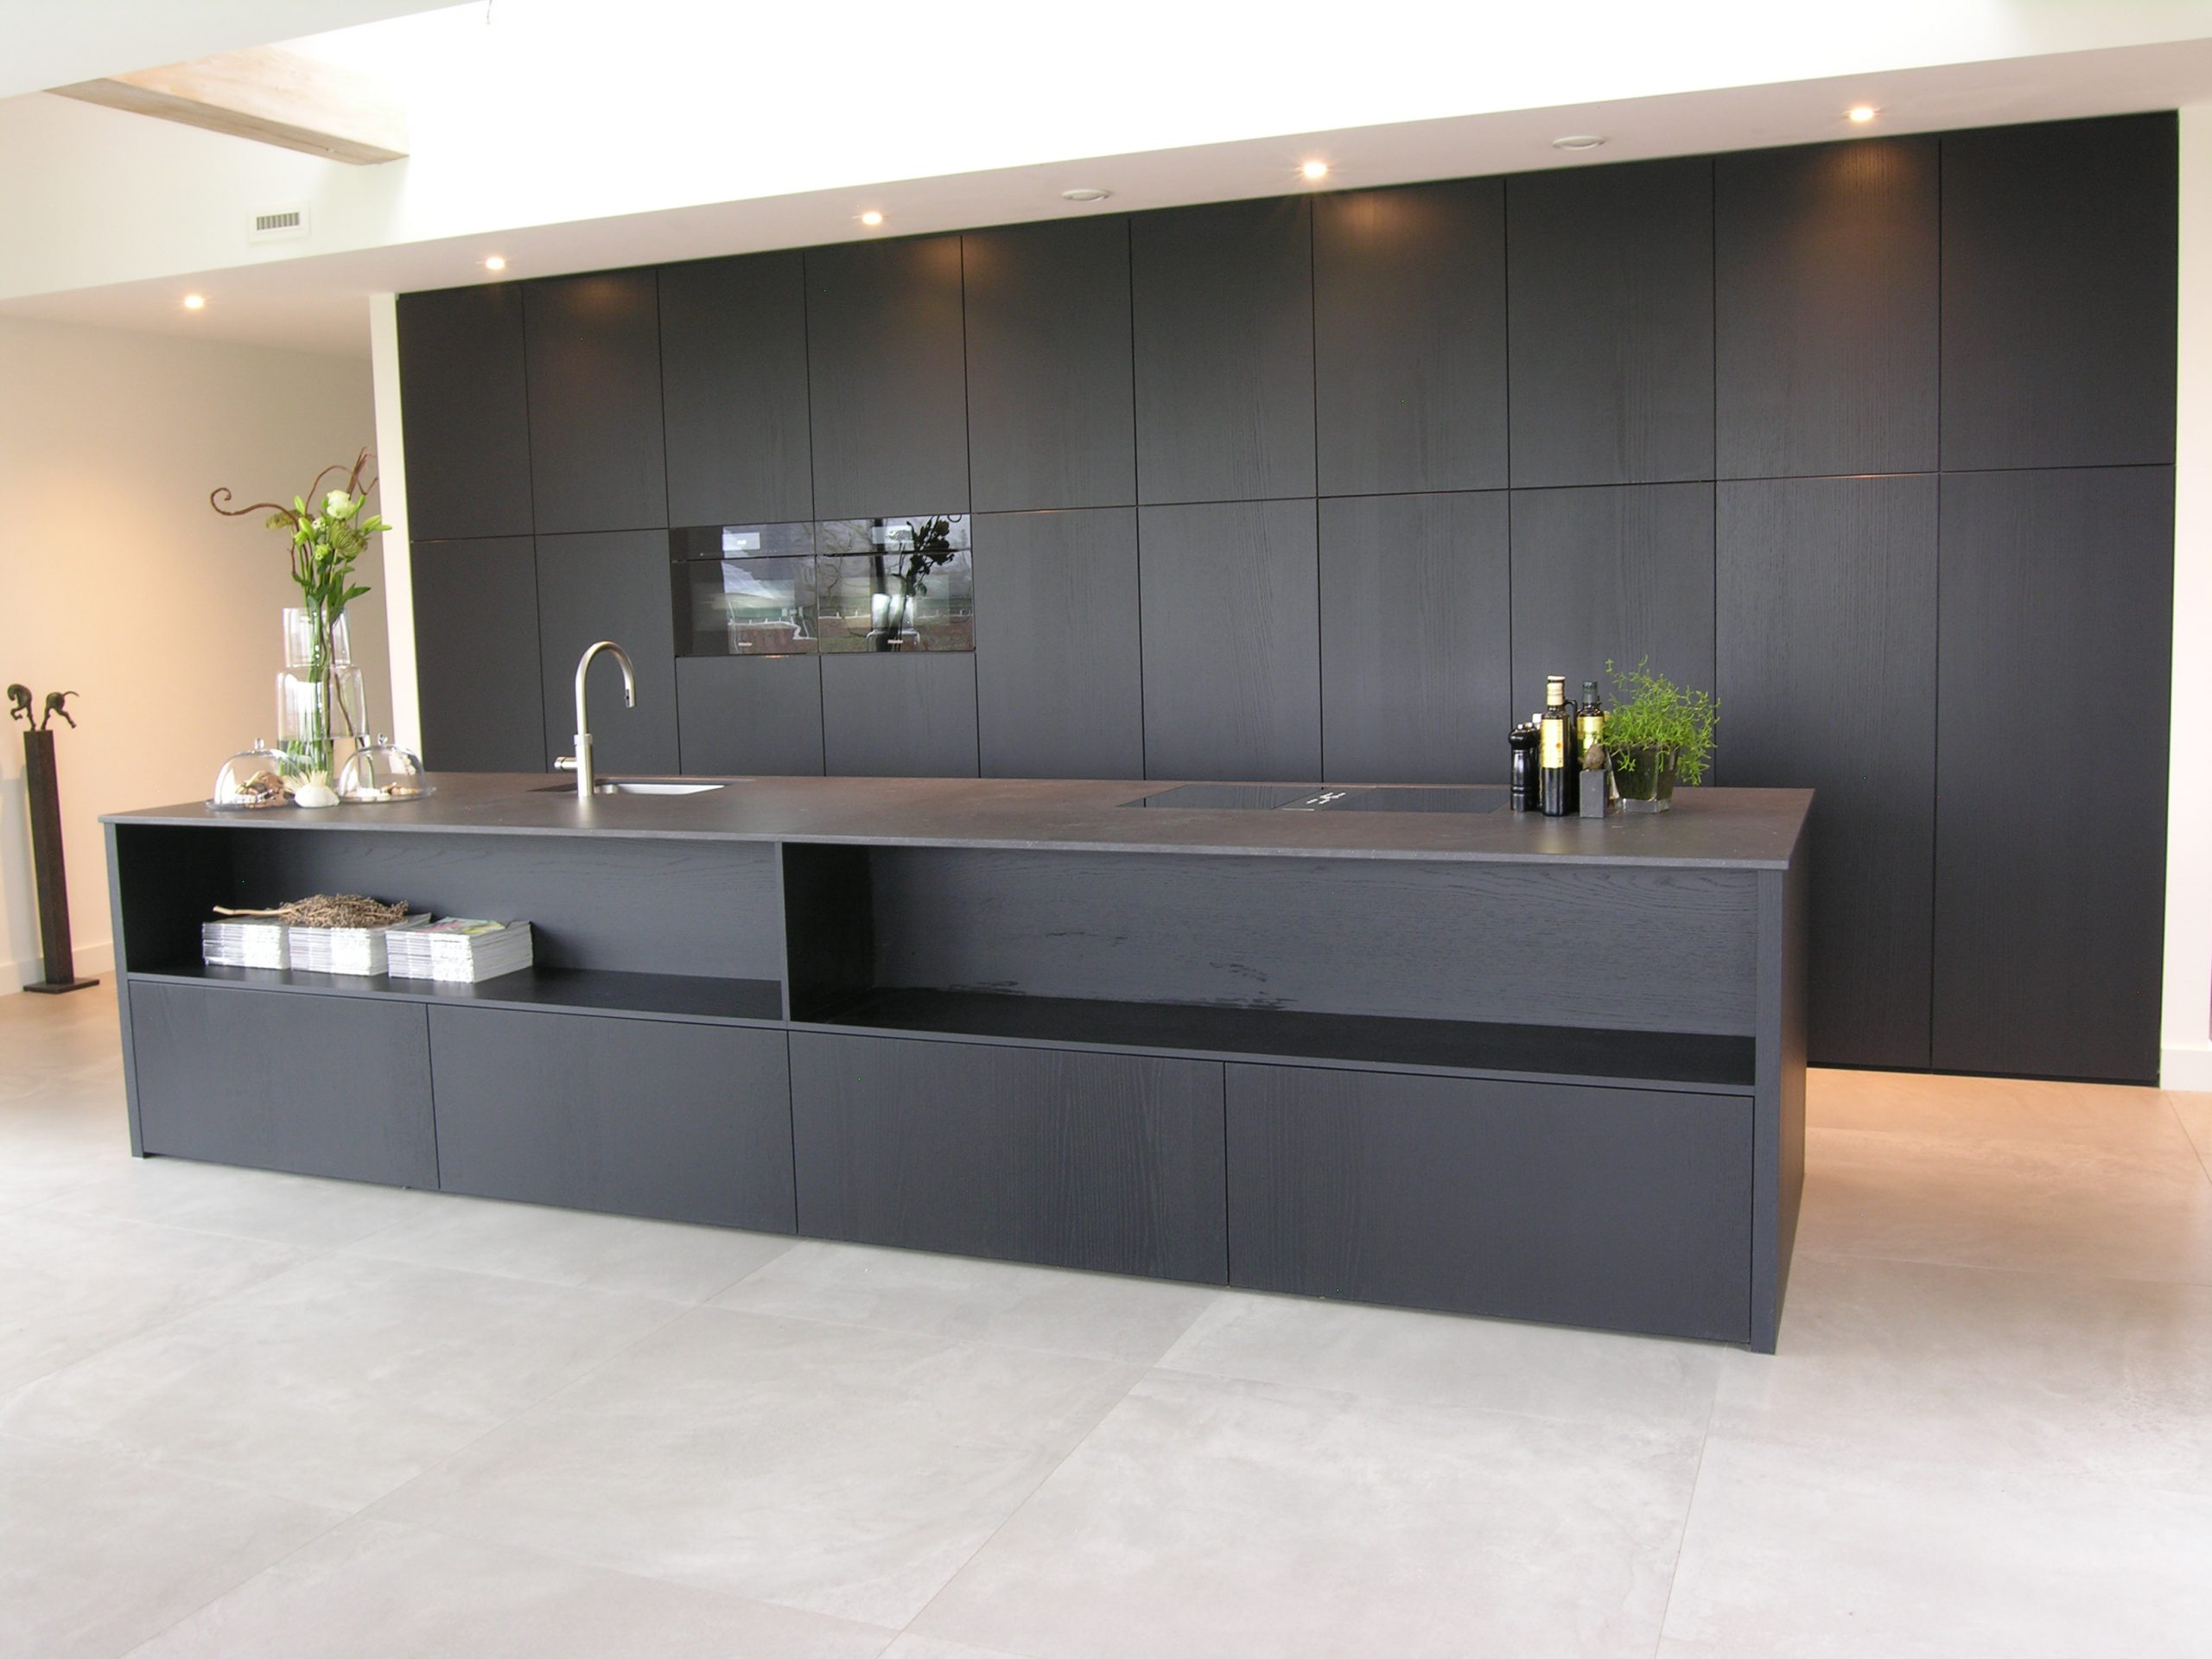 Keuken Op Maat Laten Maken In Brabant En Omgeving Rob Sleegers